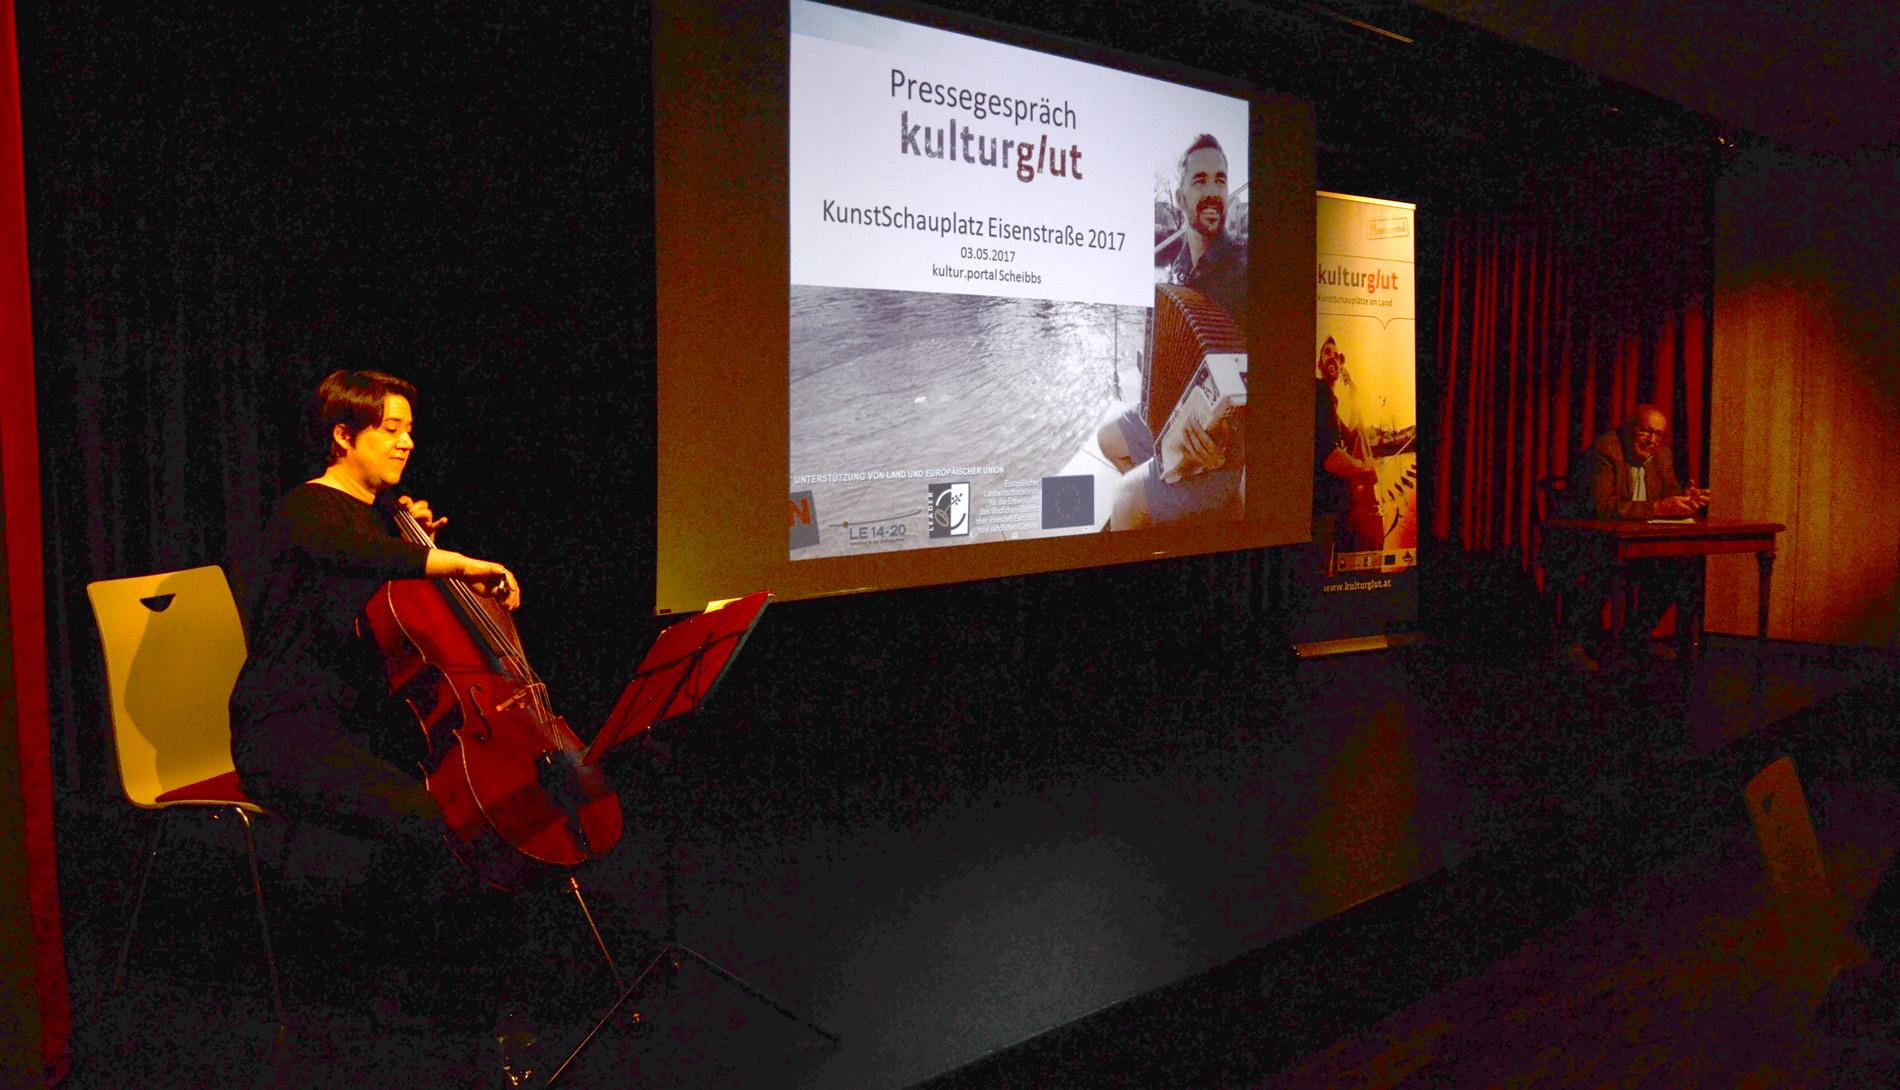 Julia Schwendiger (Cello) und Josef Kammerer (Lesung) umrahmten die Präsentation mit musikalischen und literarischen Gustostückerln. Foto: eisenstrasse.info